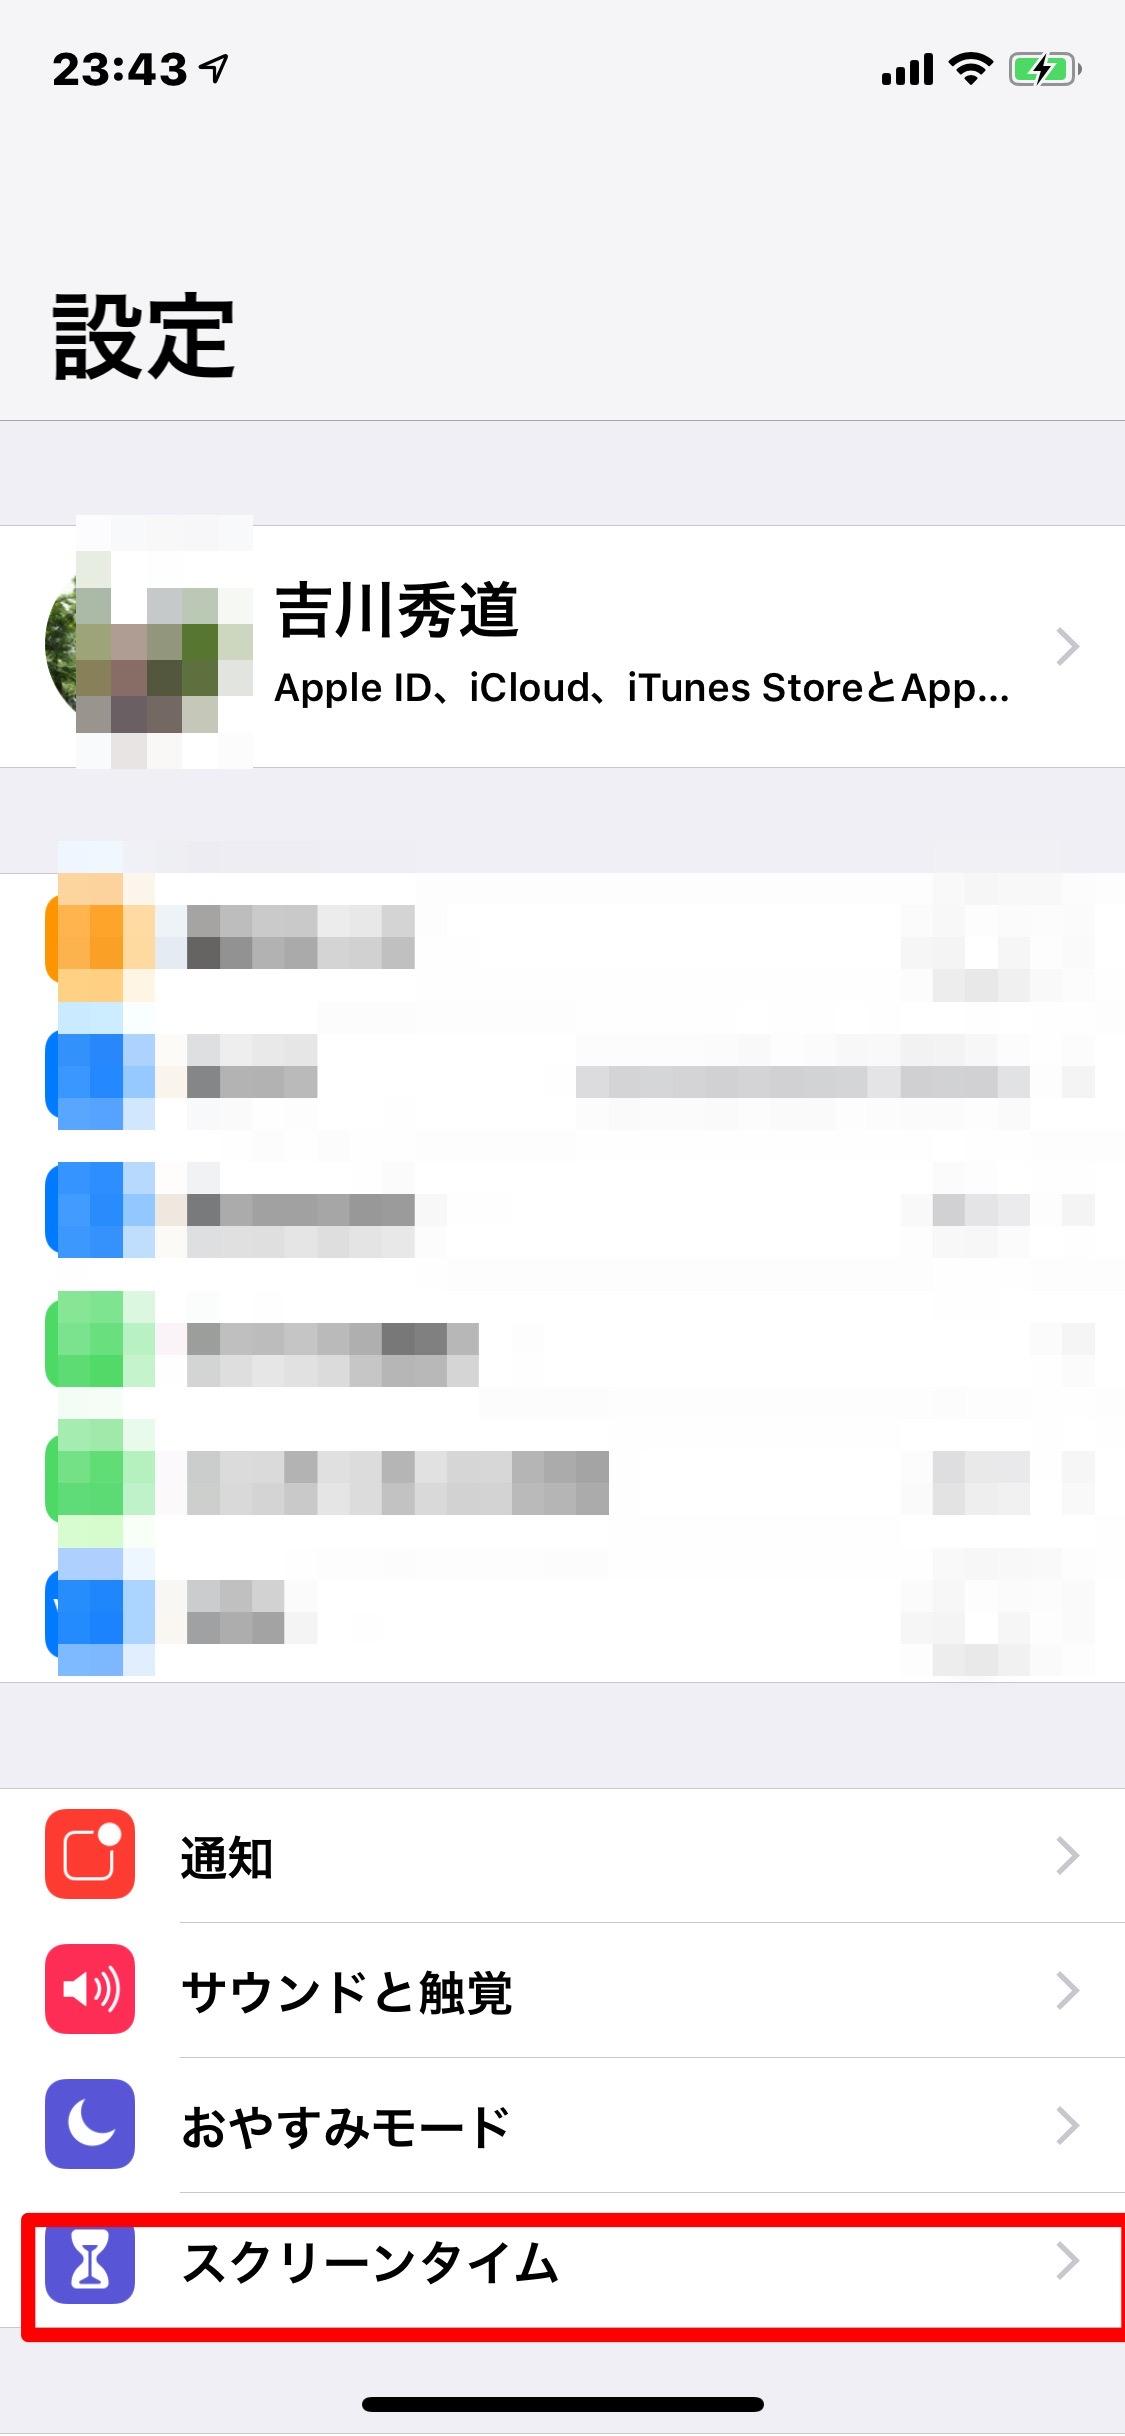 Ios13 スクリーンタイム 子供 表示されない 【解決】iOS13のスクリーンタイム時に「制限の無視」画面が表示される場合の対処設定方法